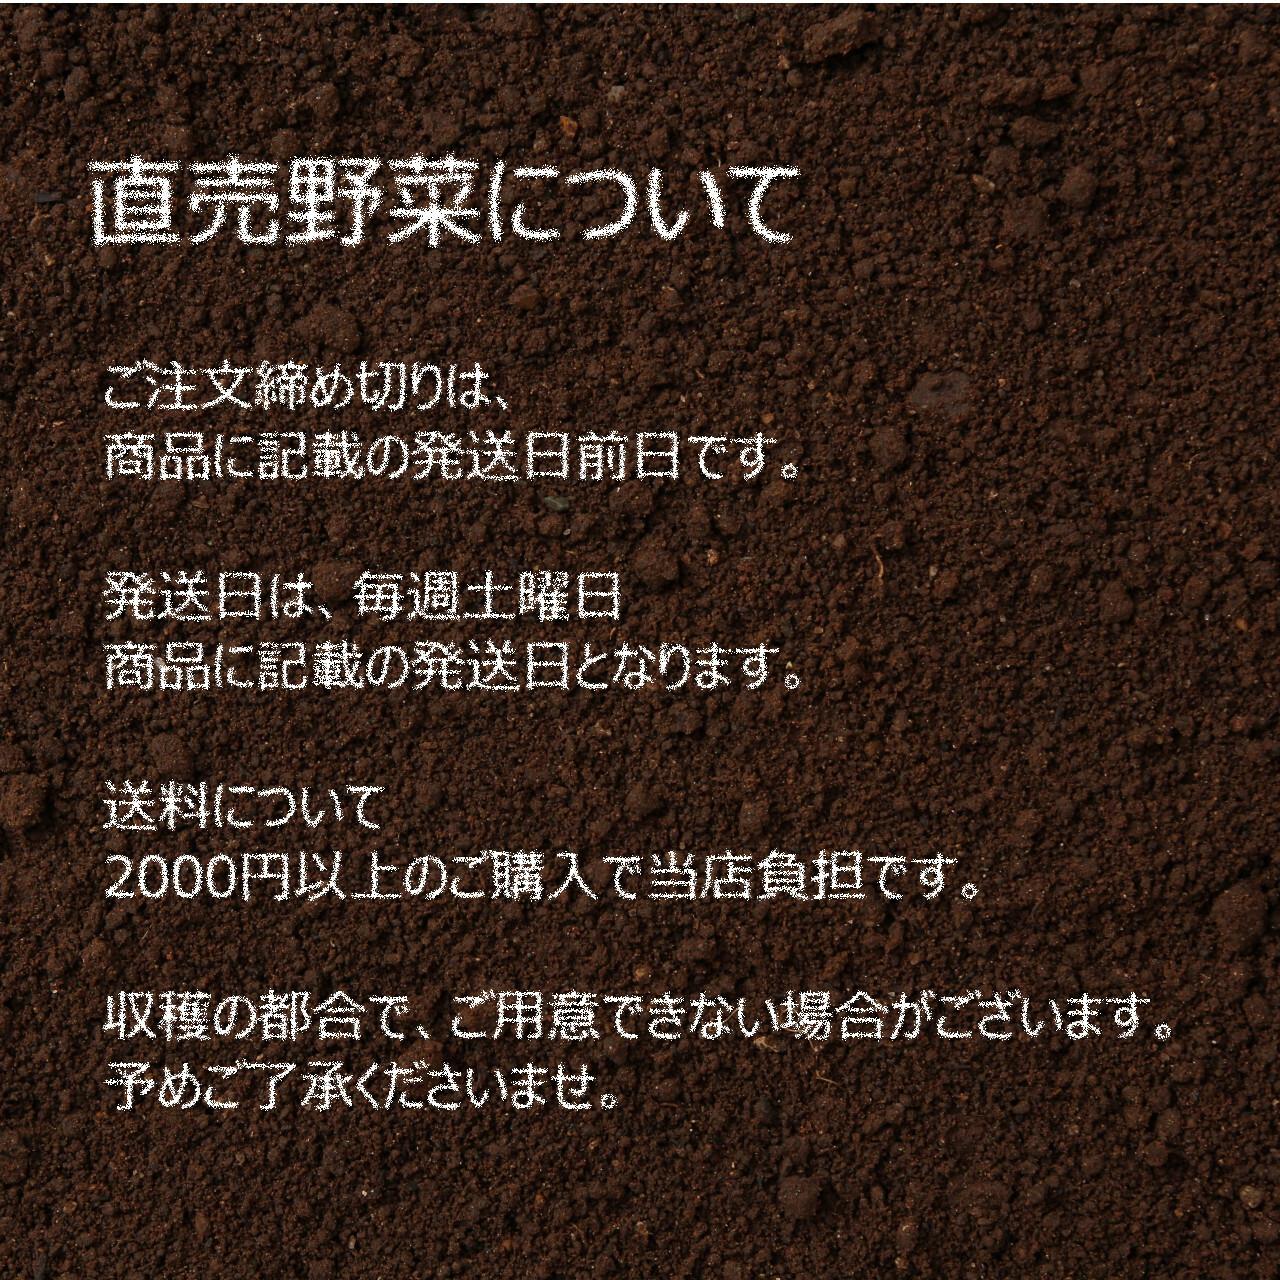 新鮮な秋野菜 : 糸ウリ 1個 9月の朝採り直売野菜 9月12日発送予定